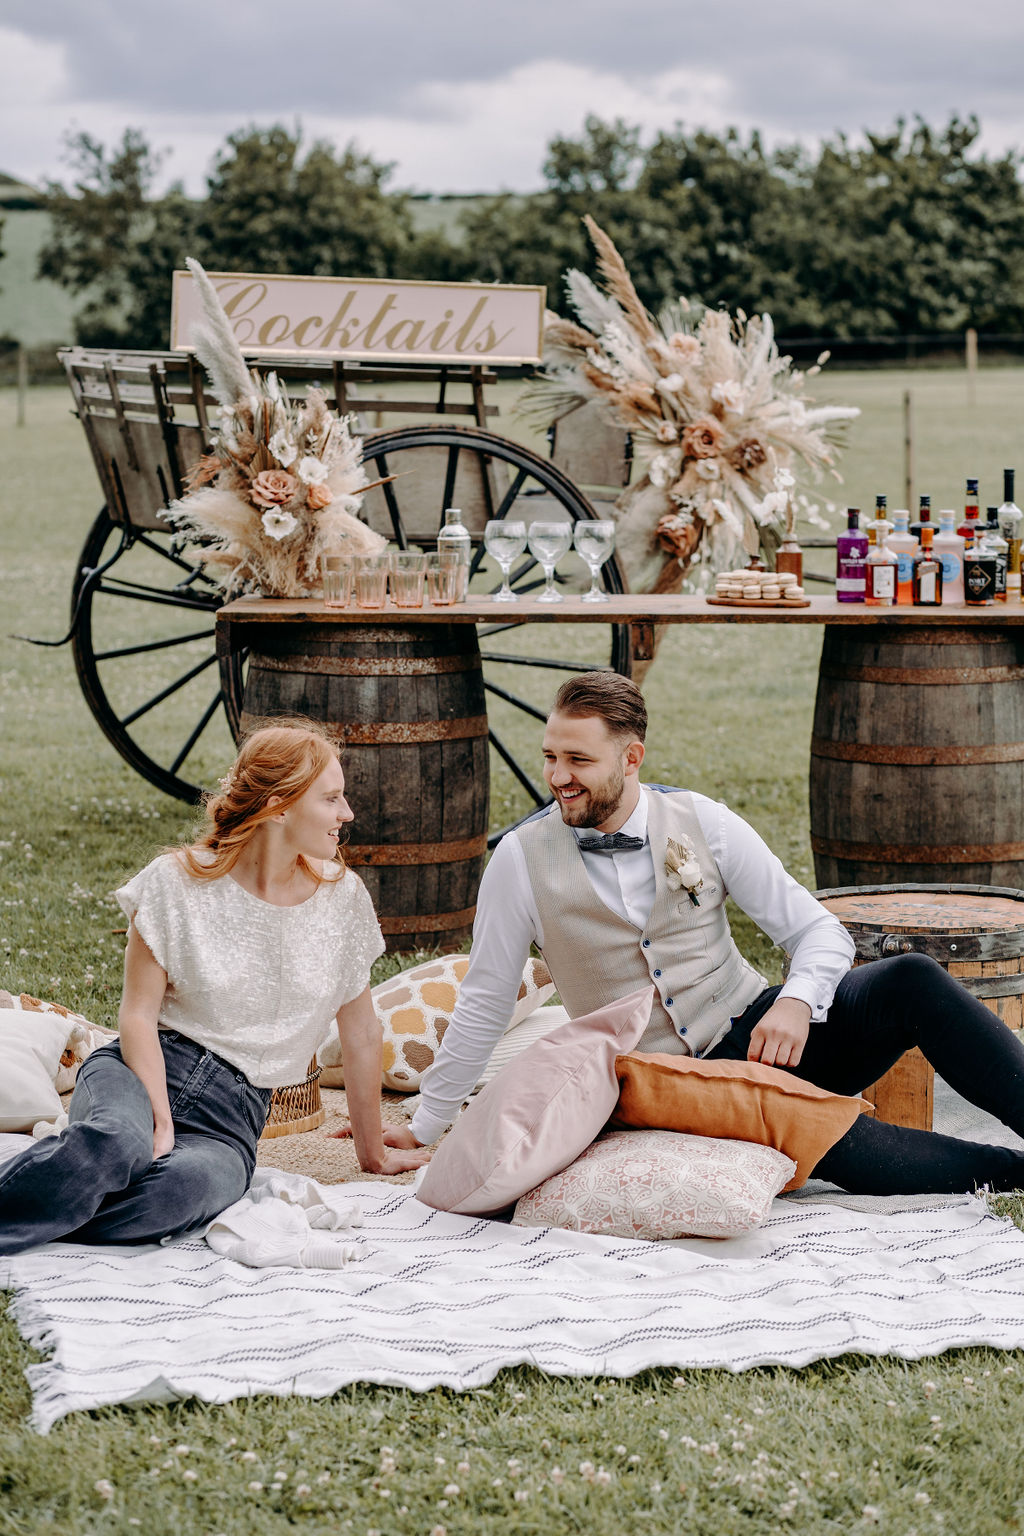 sustainable boho wedding - wedding picnic - relaxed wedding - eco friendly wedding - unconventional wedding - alternative wedding